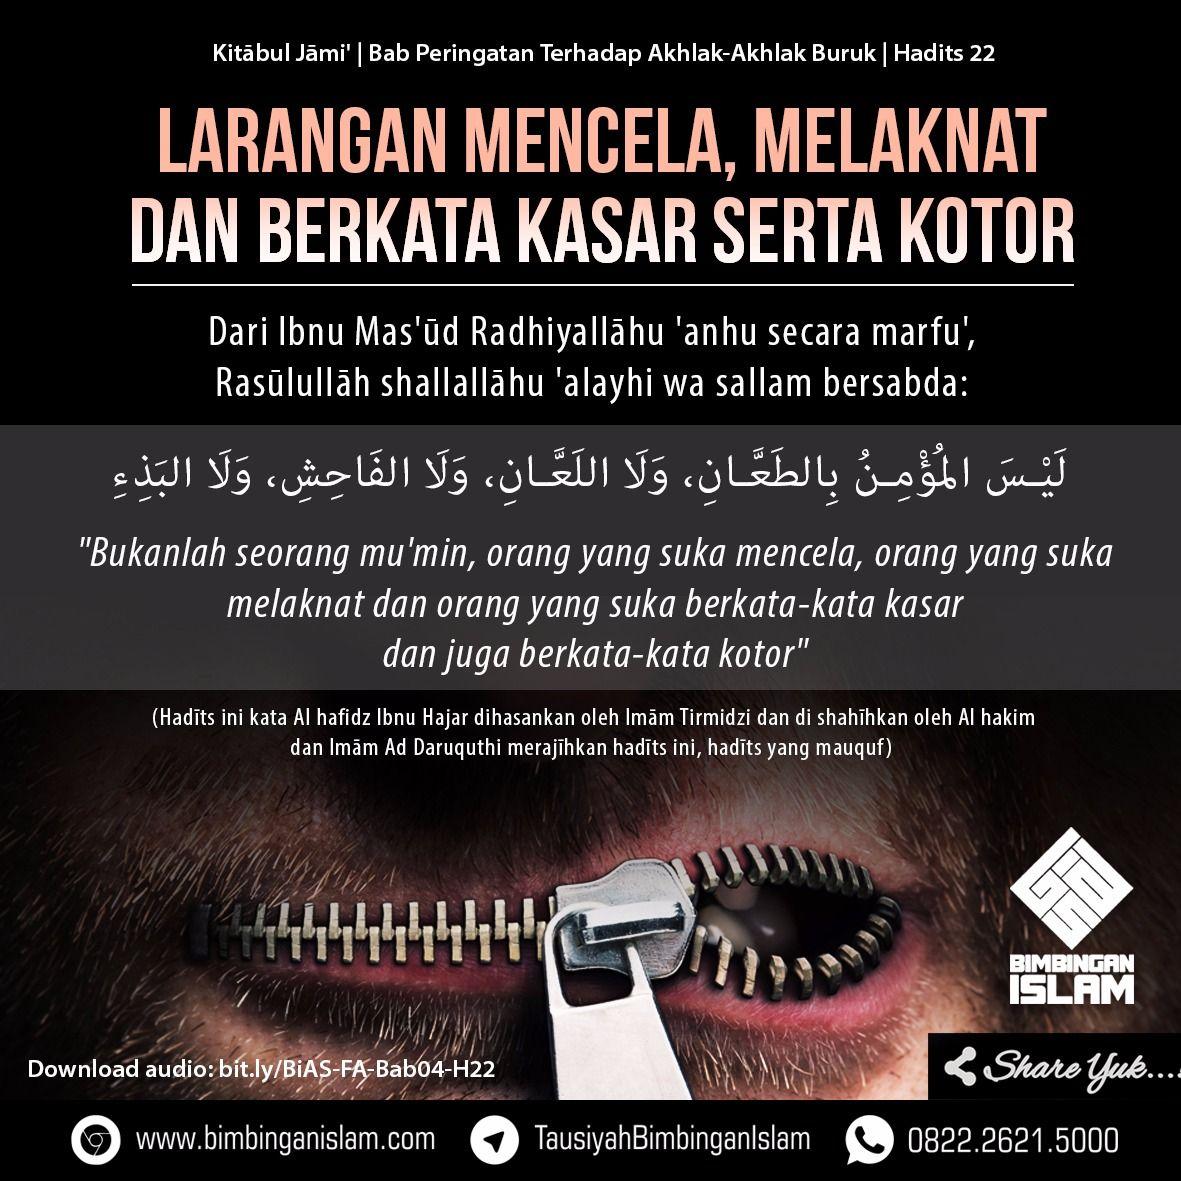 Pin By Nasihat Sahabat On Mutiara Sunnah Nabi ﷺ Pinterest Islam